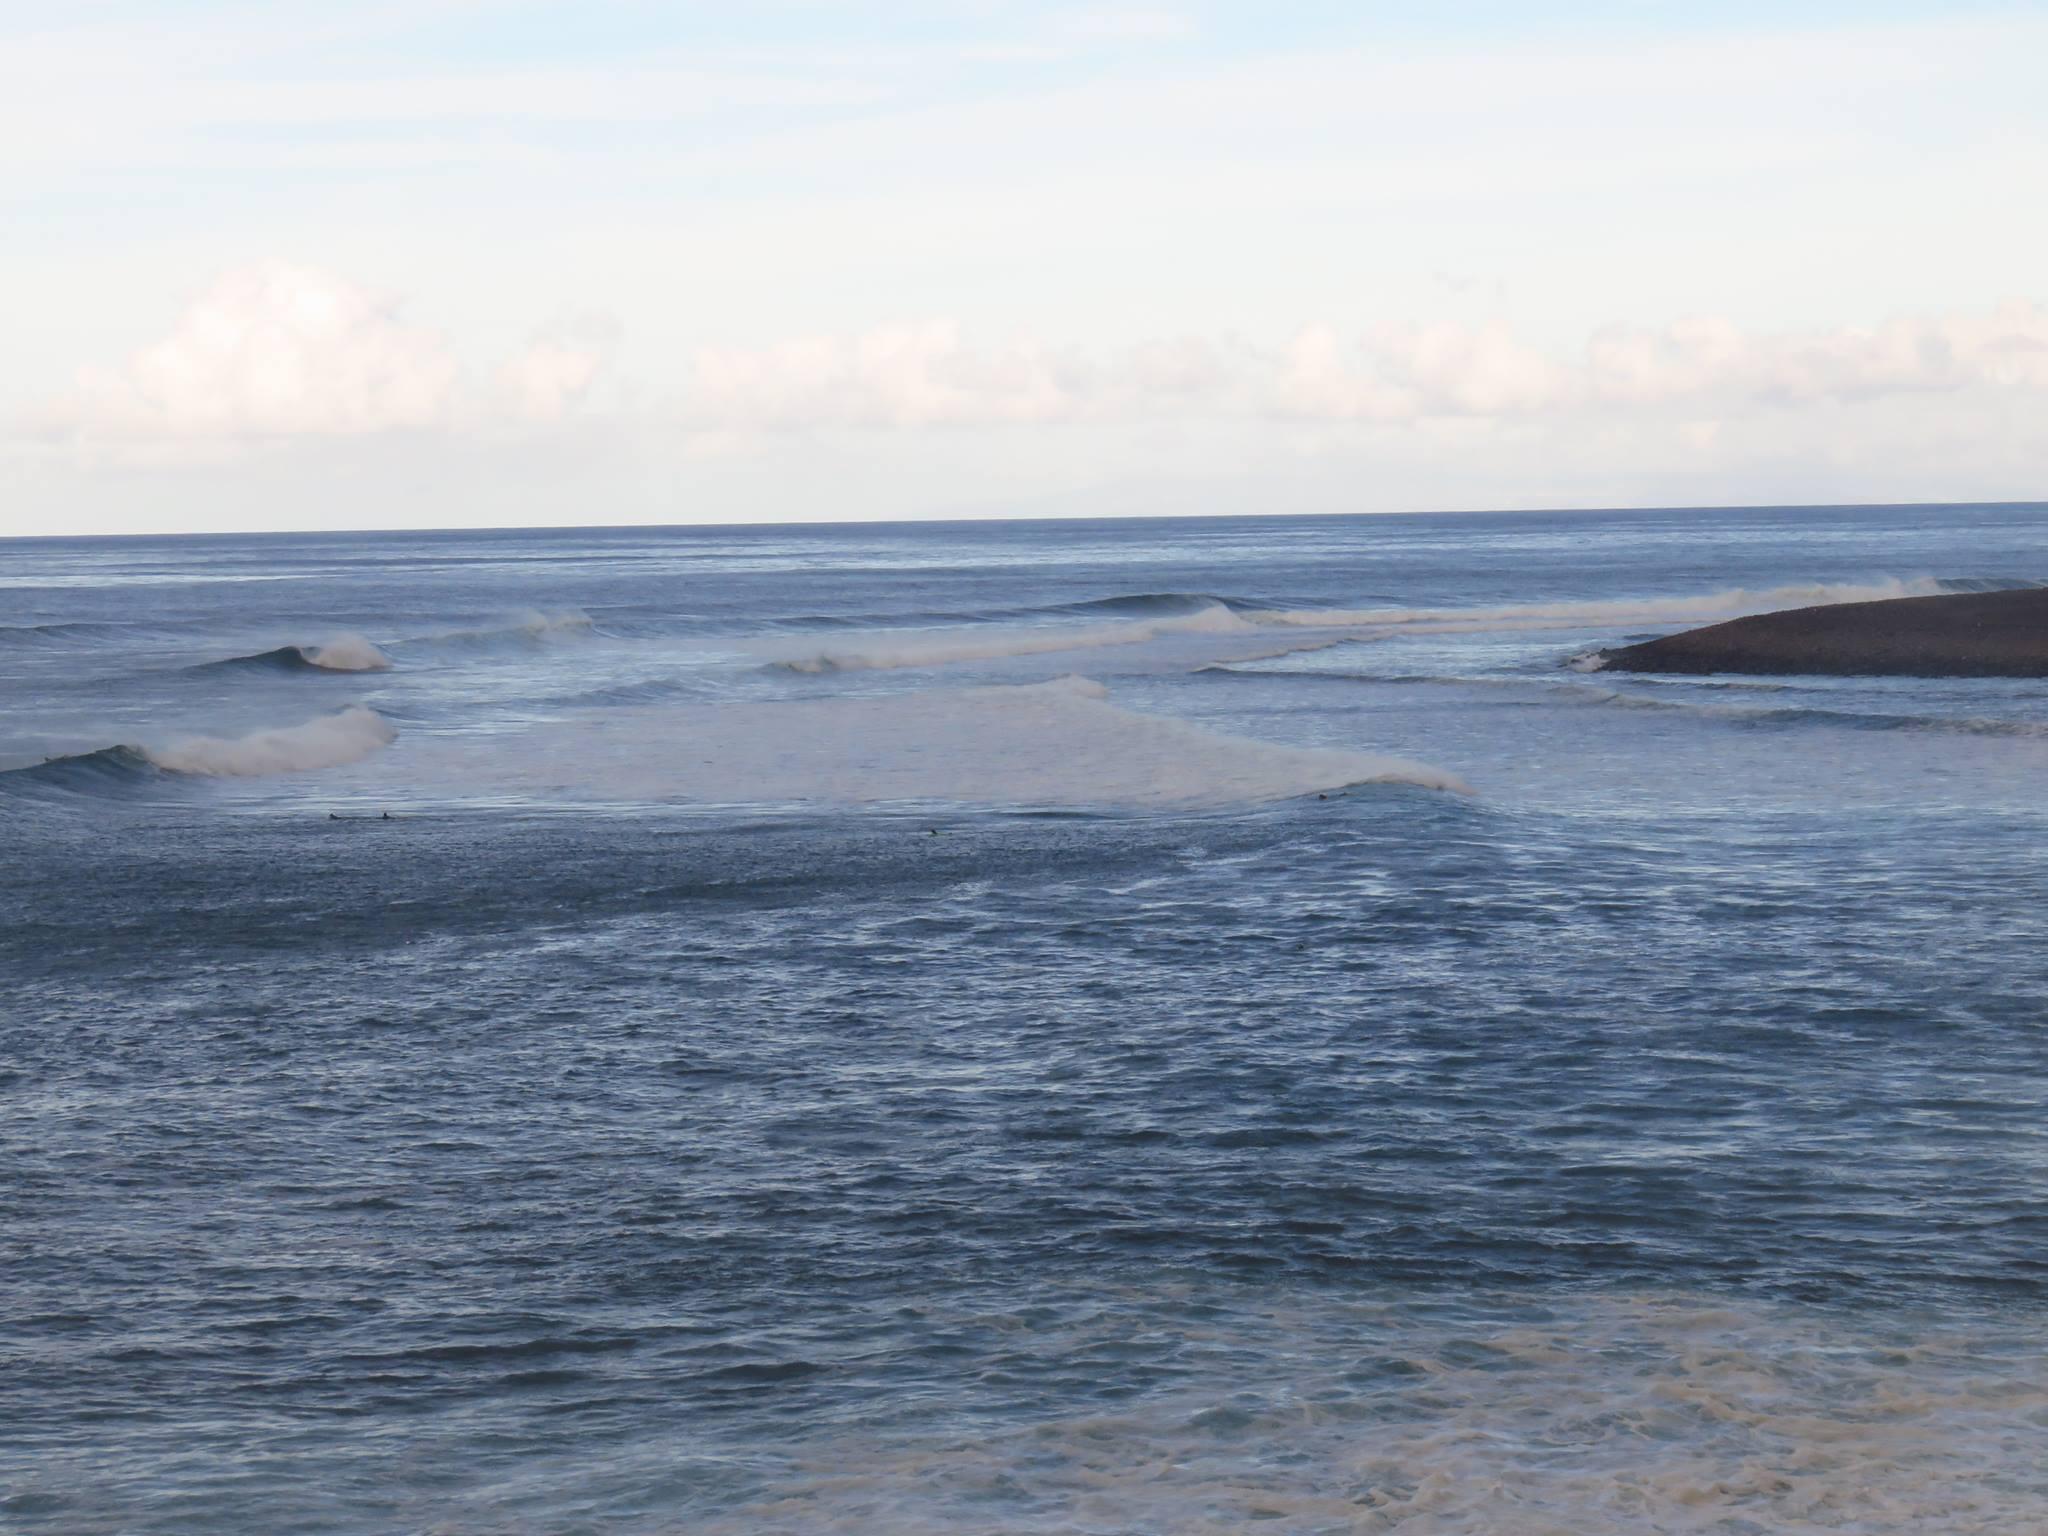 Fajã S. Cristo (São Jorge Island)